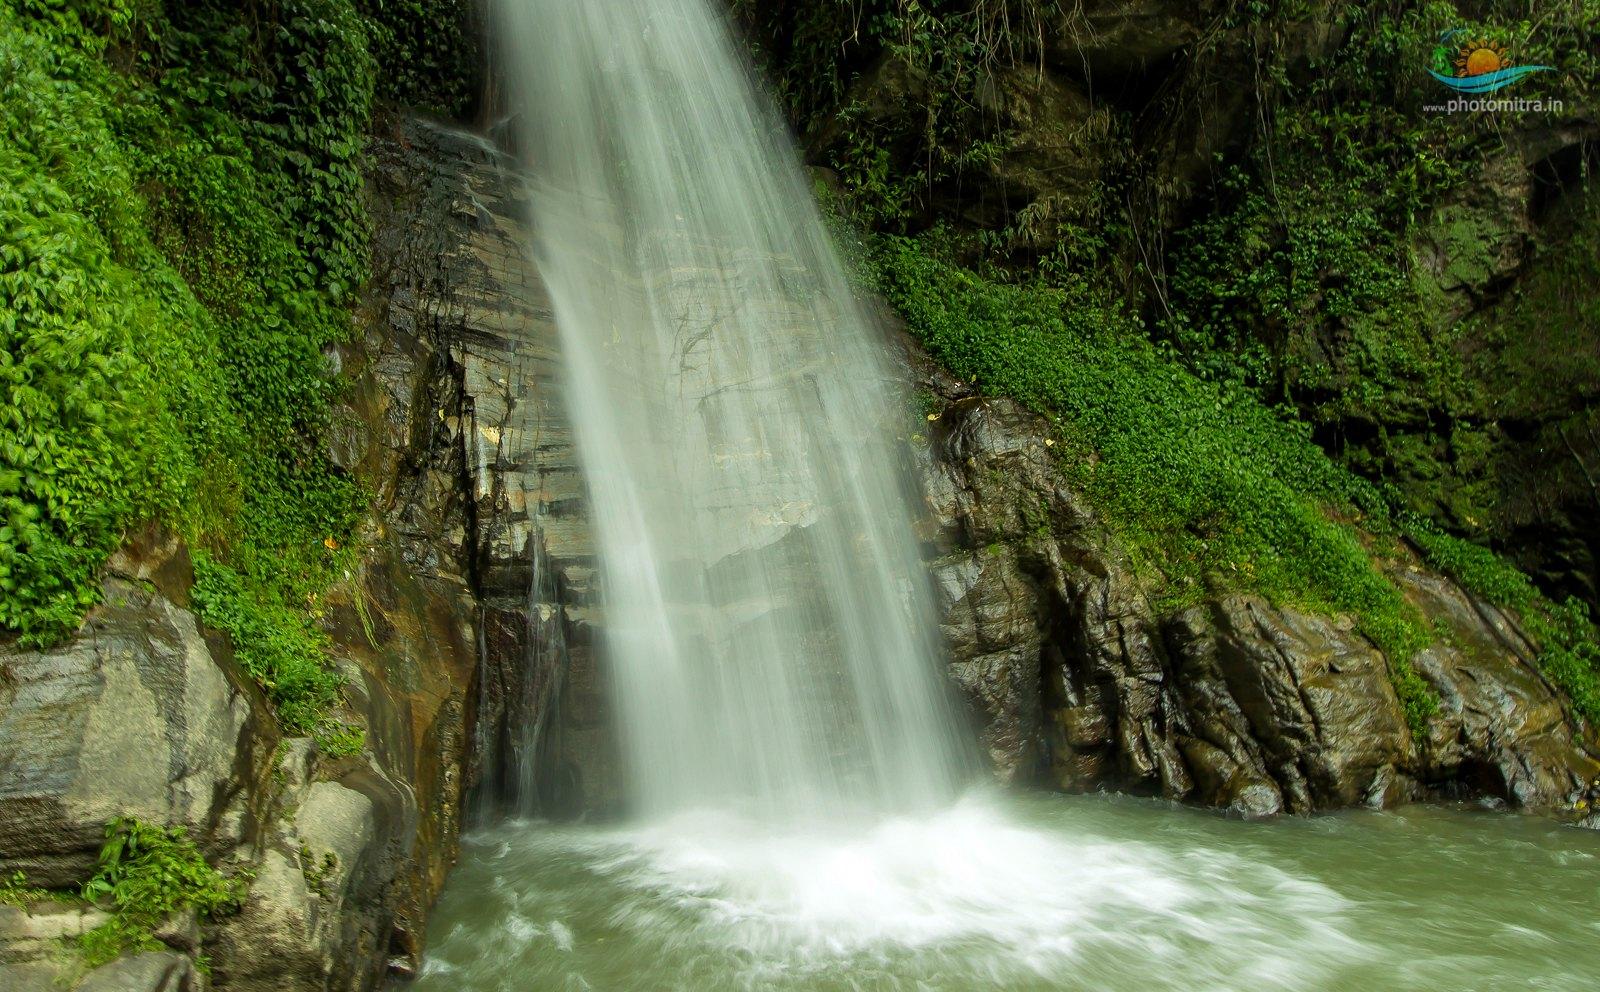 Ban Jhakri Falls. Photo: Amitra Kar/Flickr